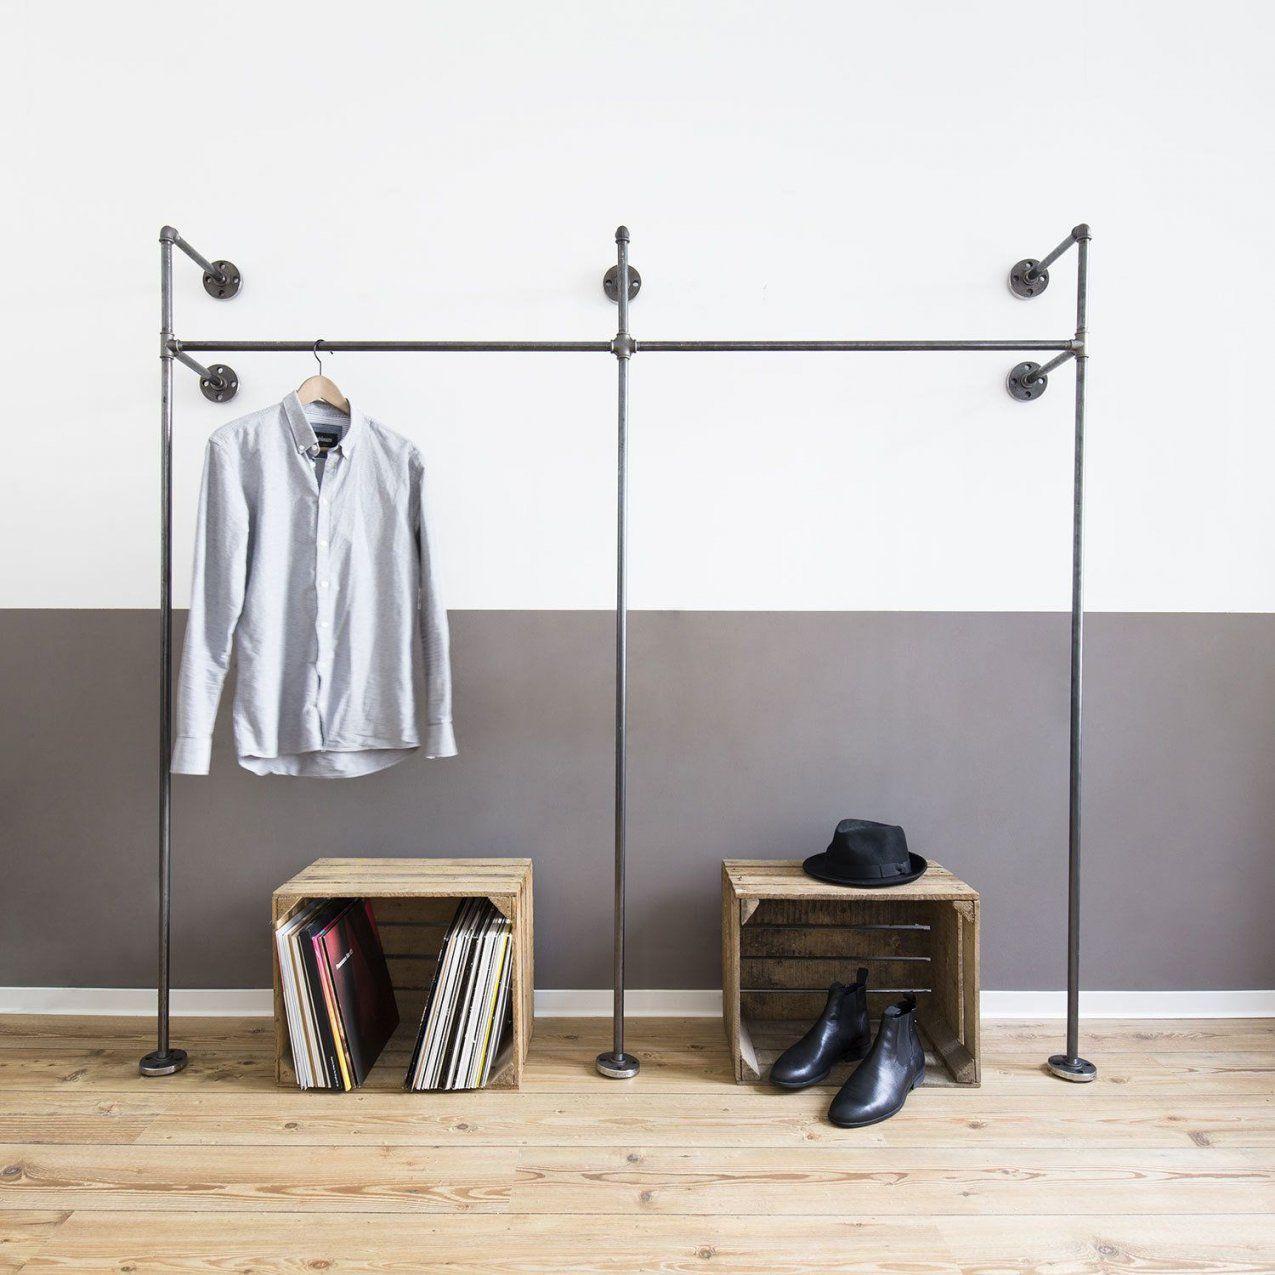 Offener Kleiderschrank · Offene Garderobe  Duo High  Kleiderstange von Kleiderständer Aus Rohren Selber Bauen Bild